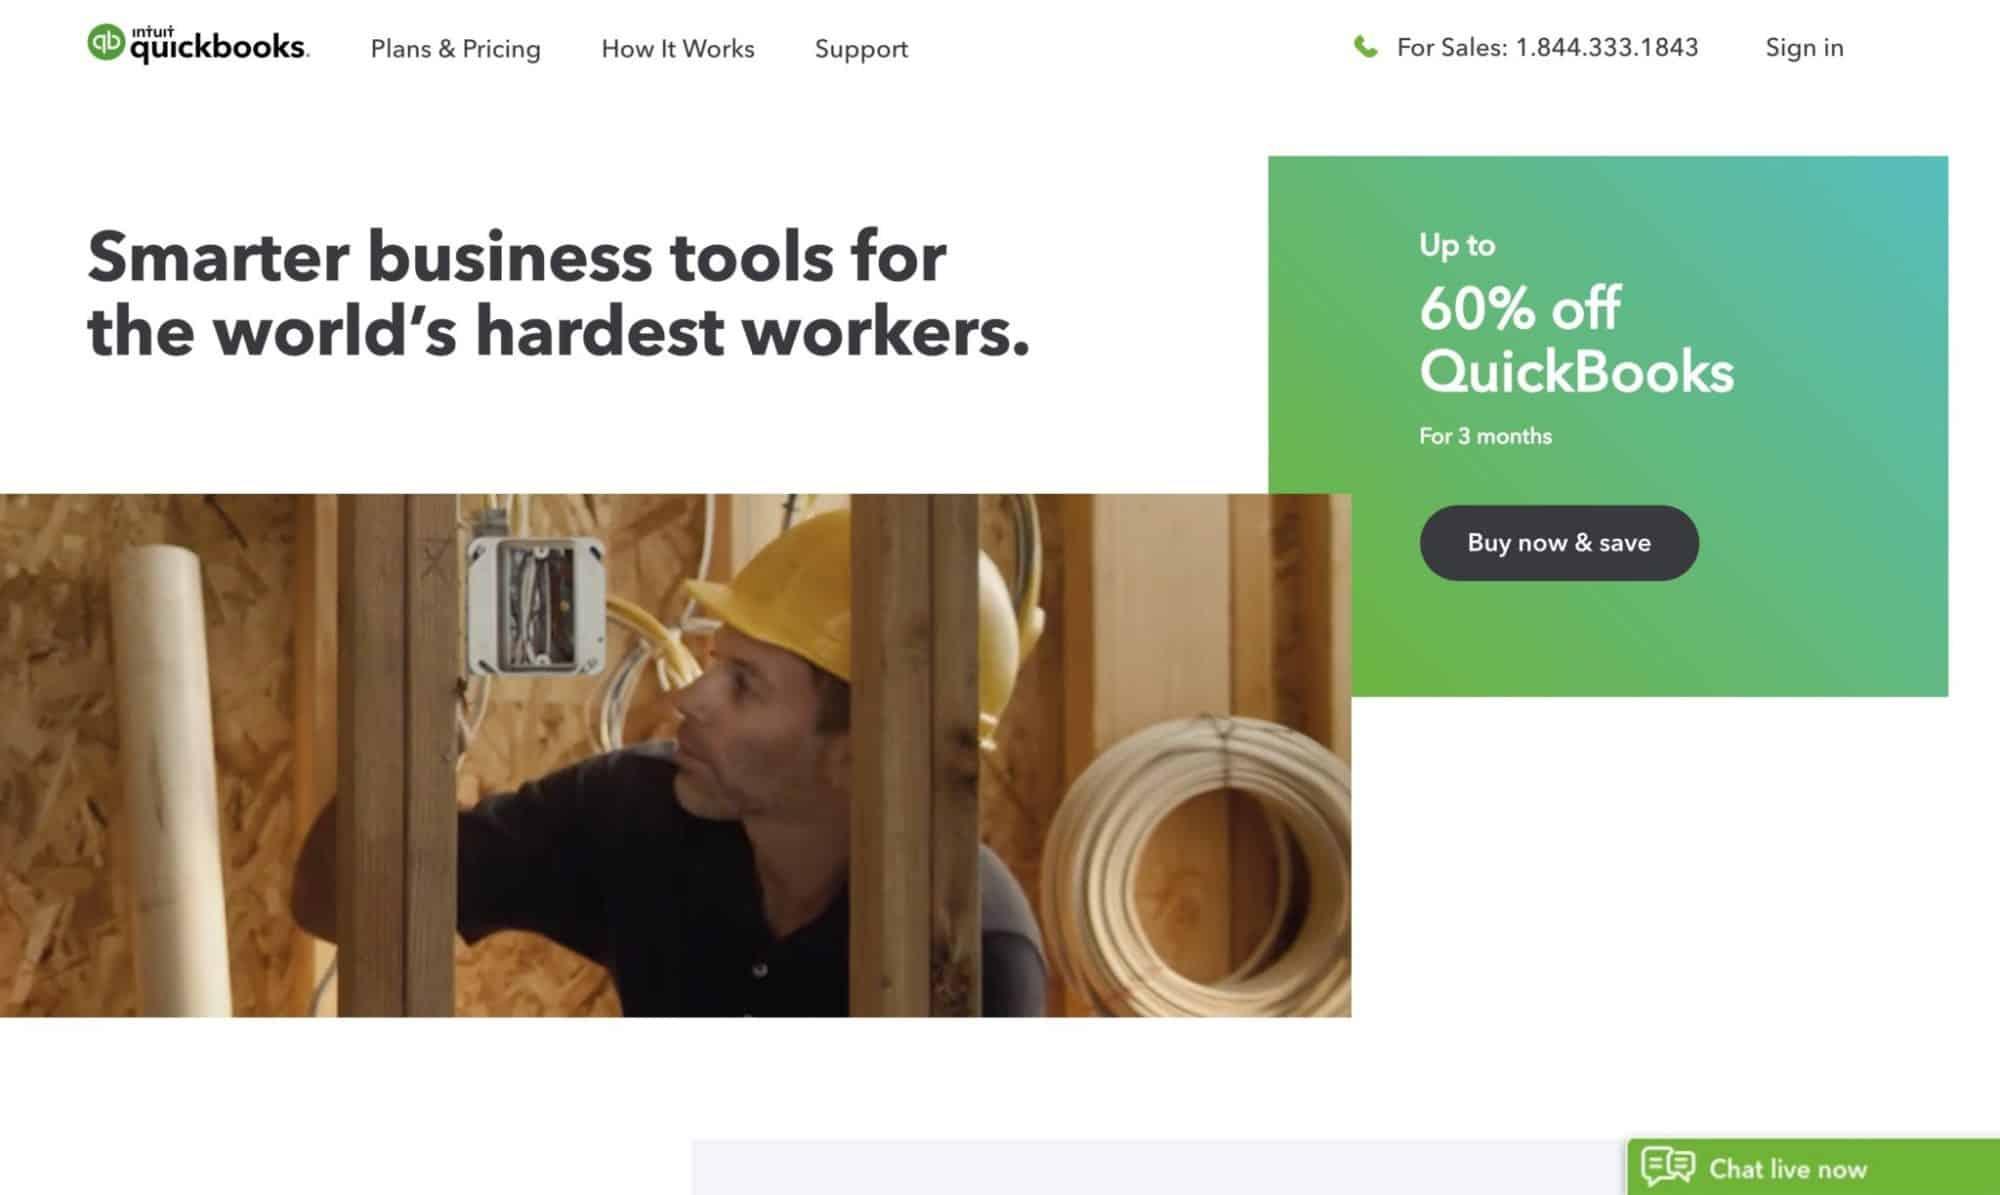 Quickbooks - modern website design